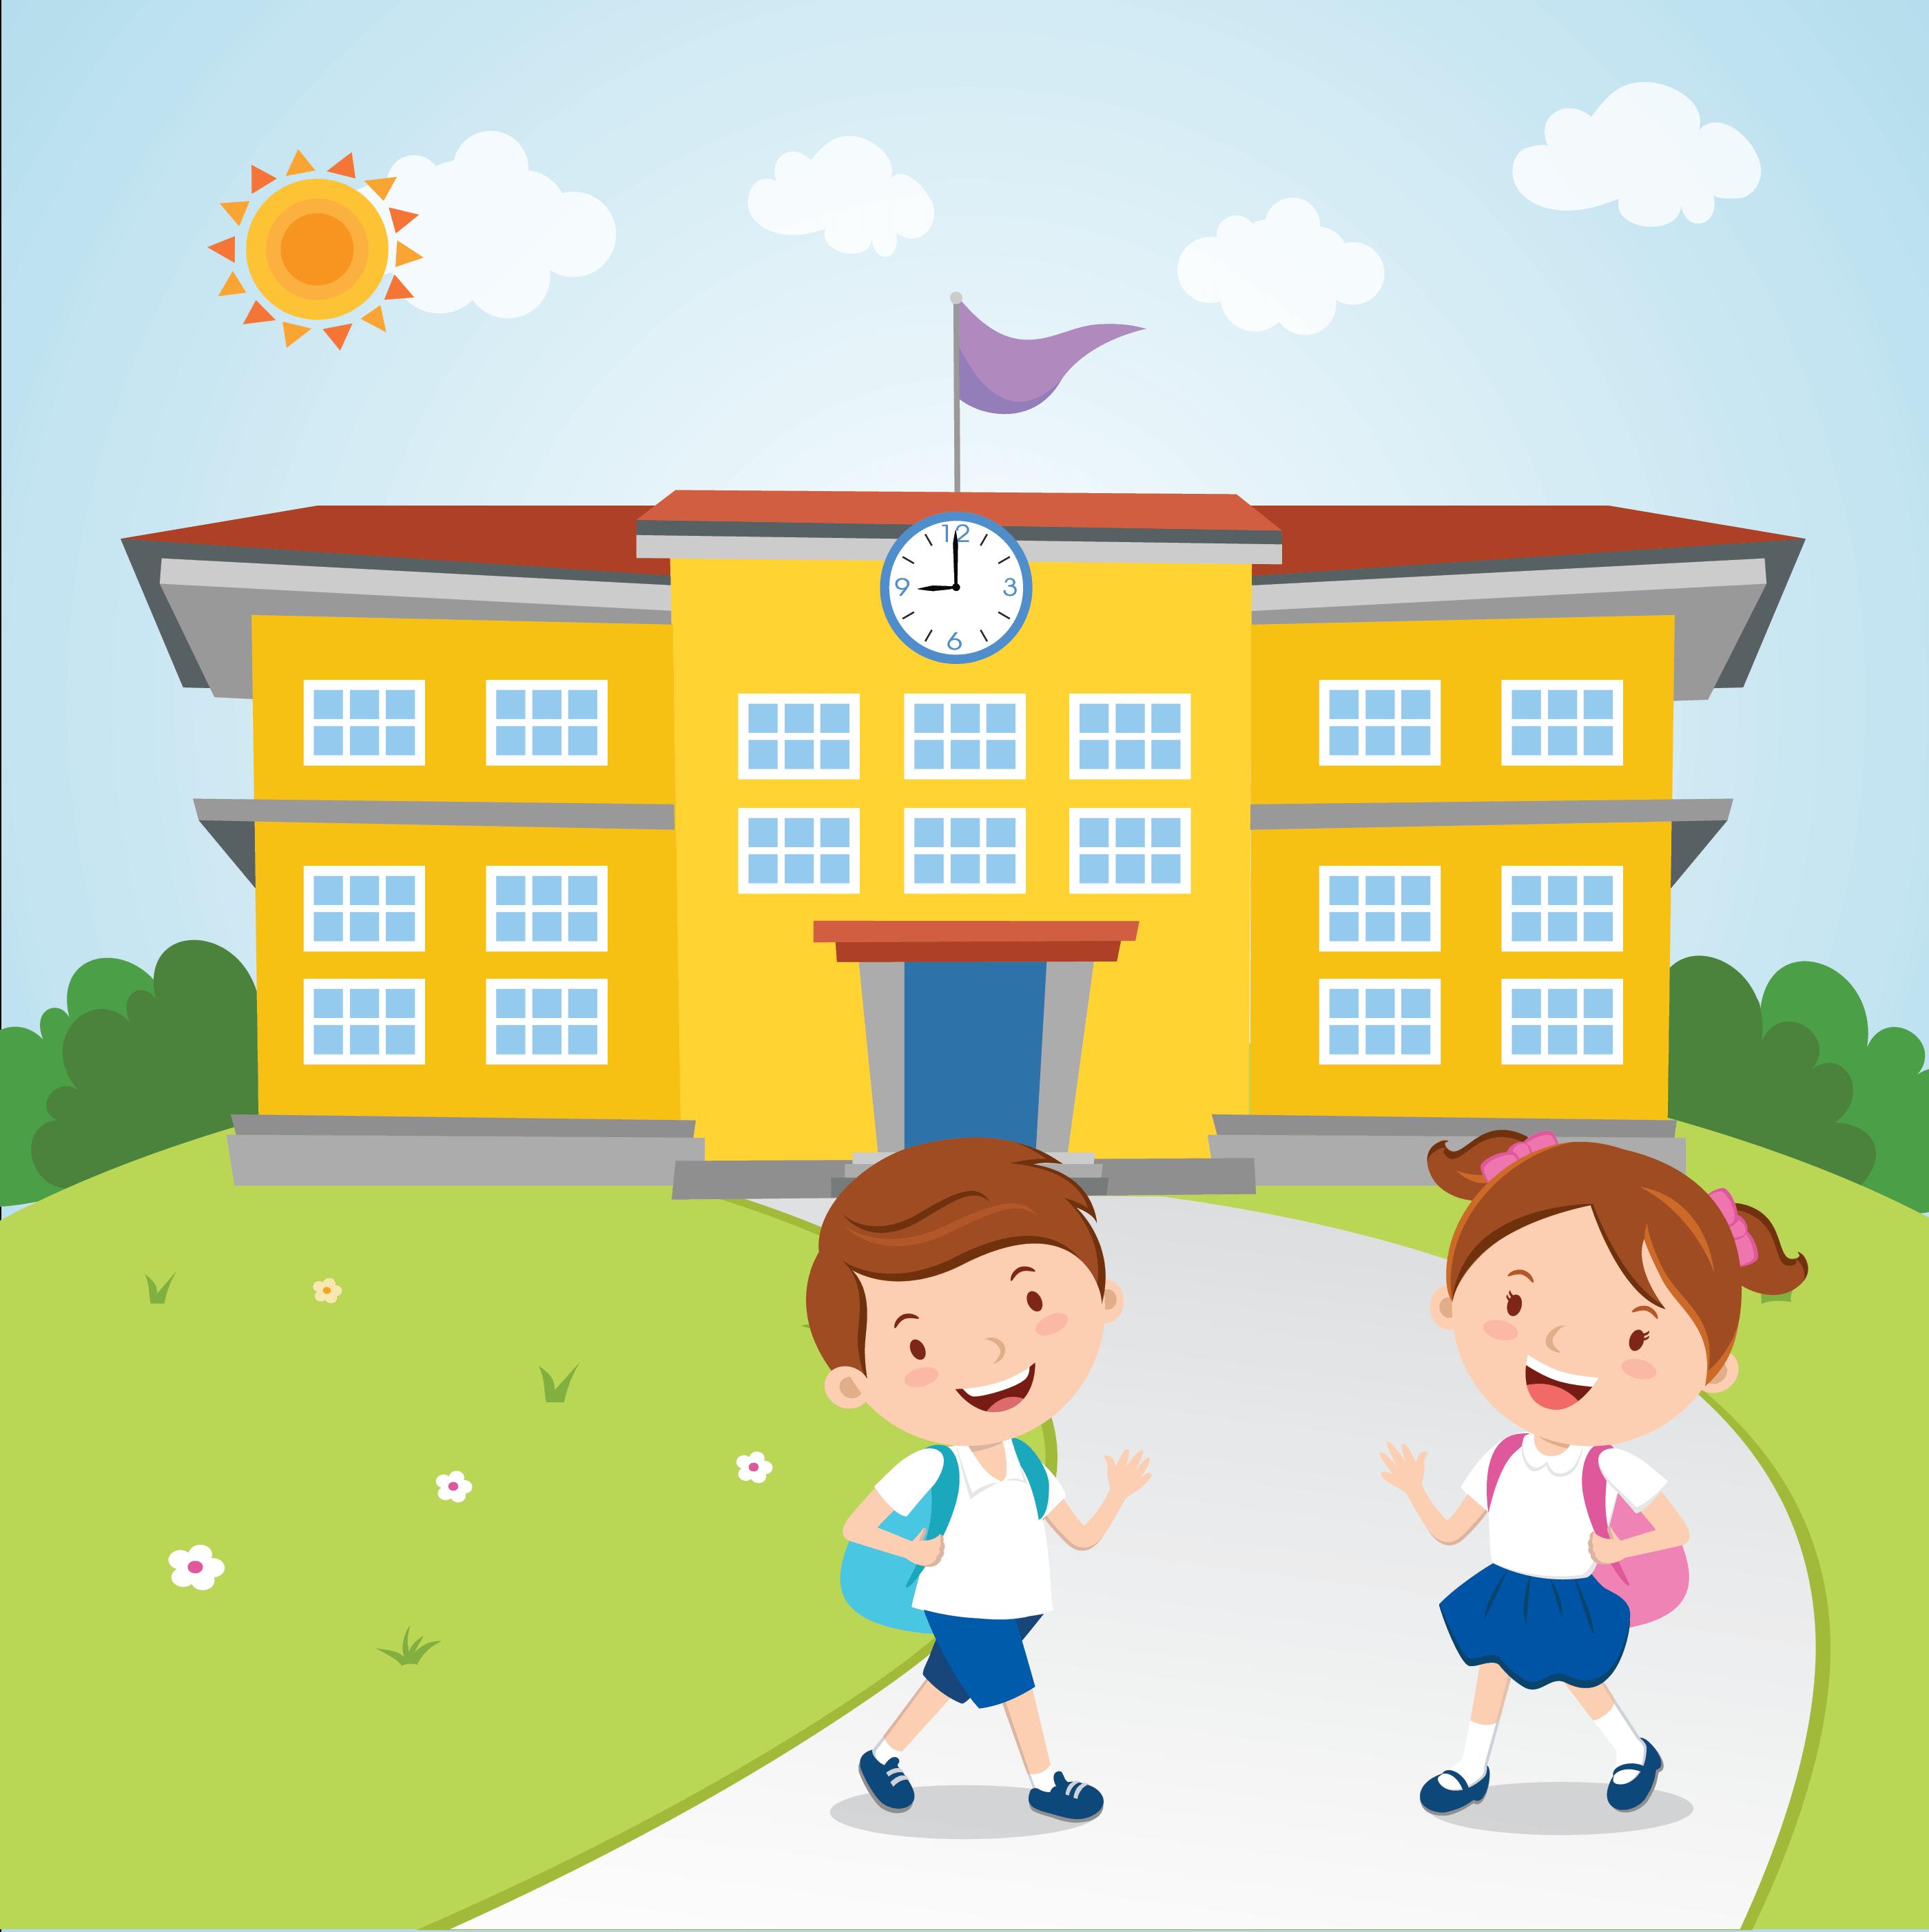 Kids Go to School.